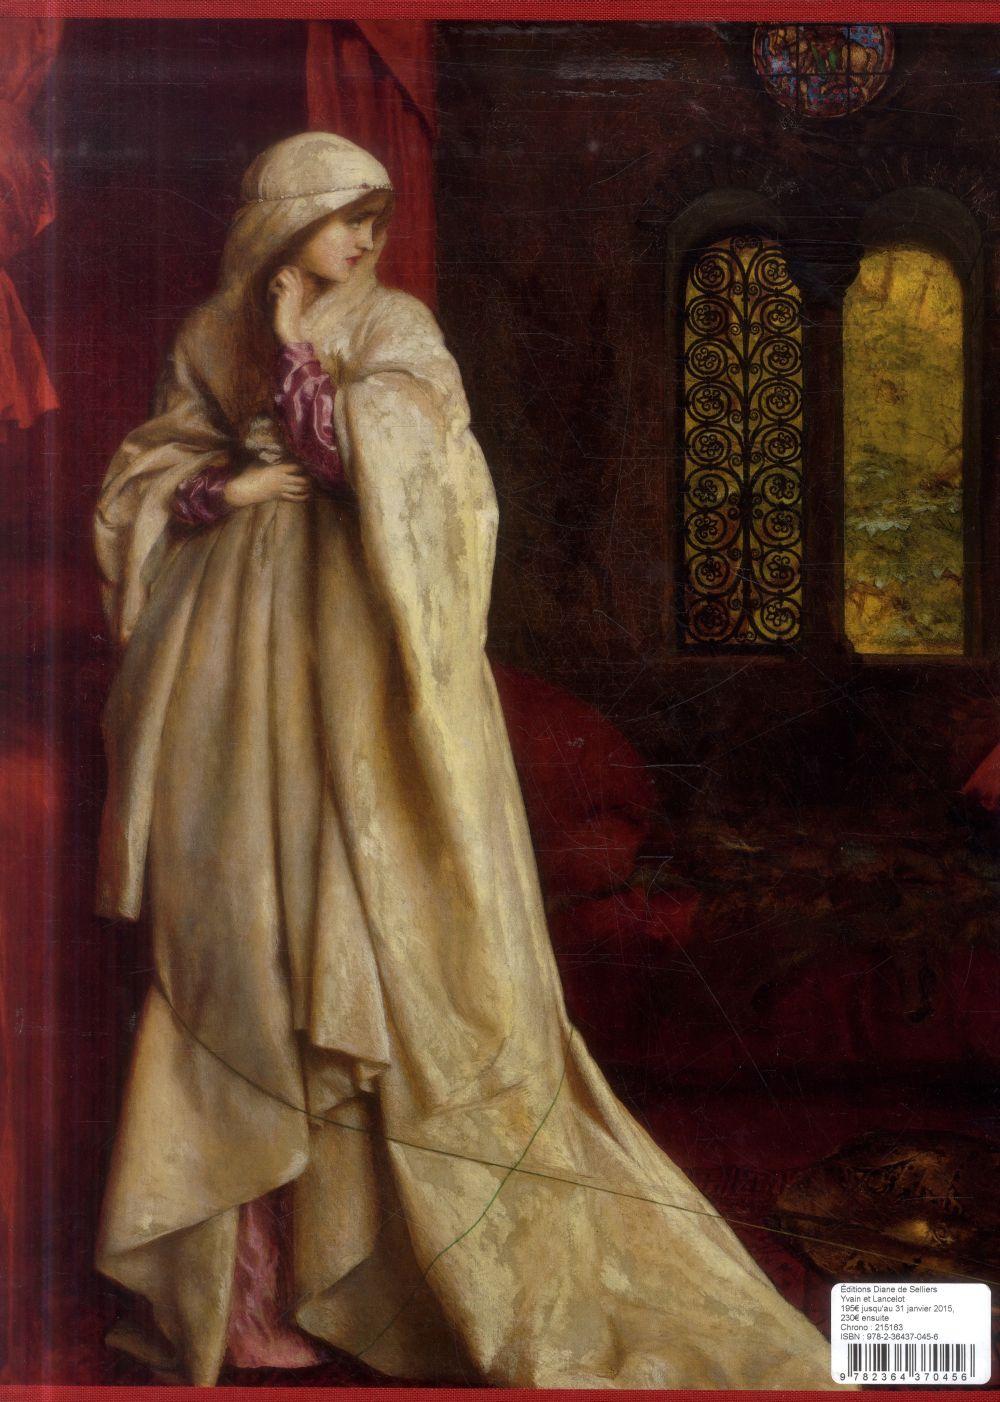 Yvain ou le Chevalier au Lion et Lancelot ou le Chevalier de la Charrette illustrés par les peintres préraphaëlites